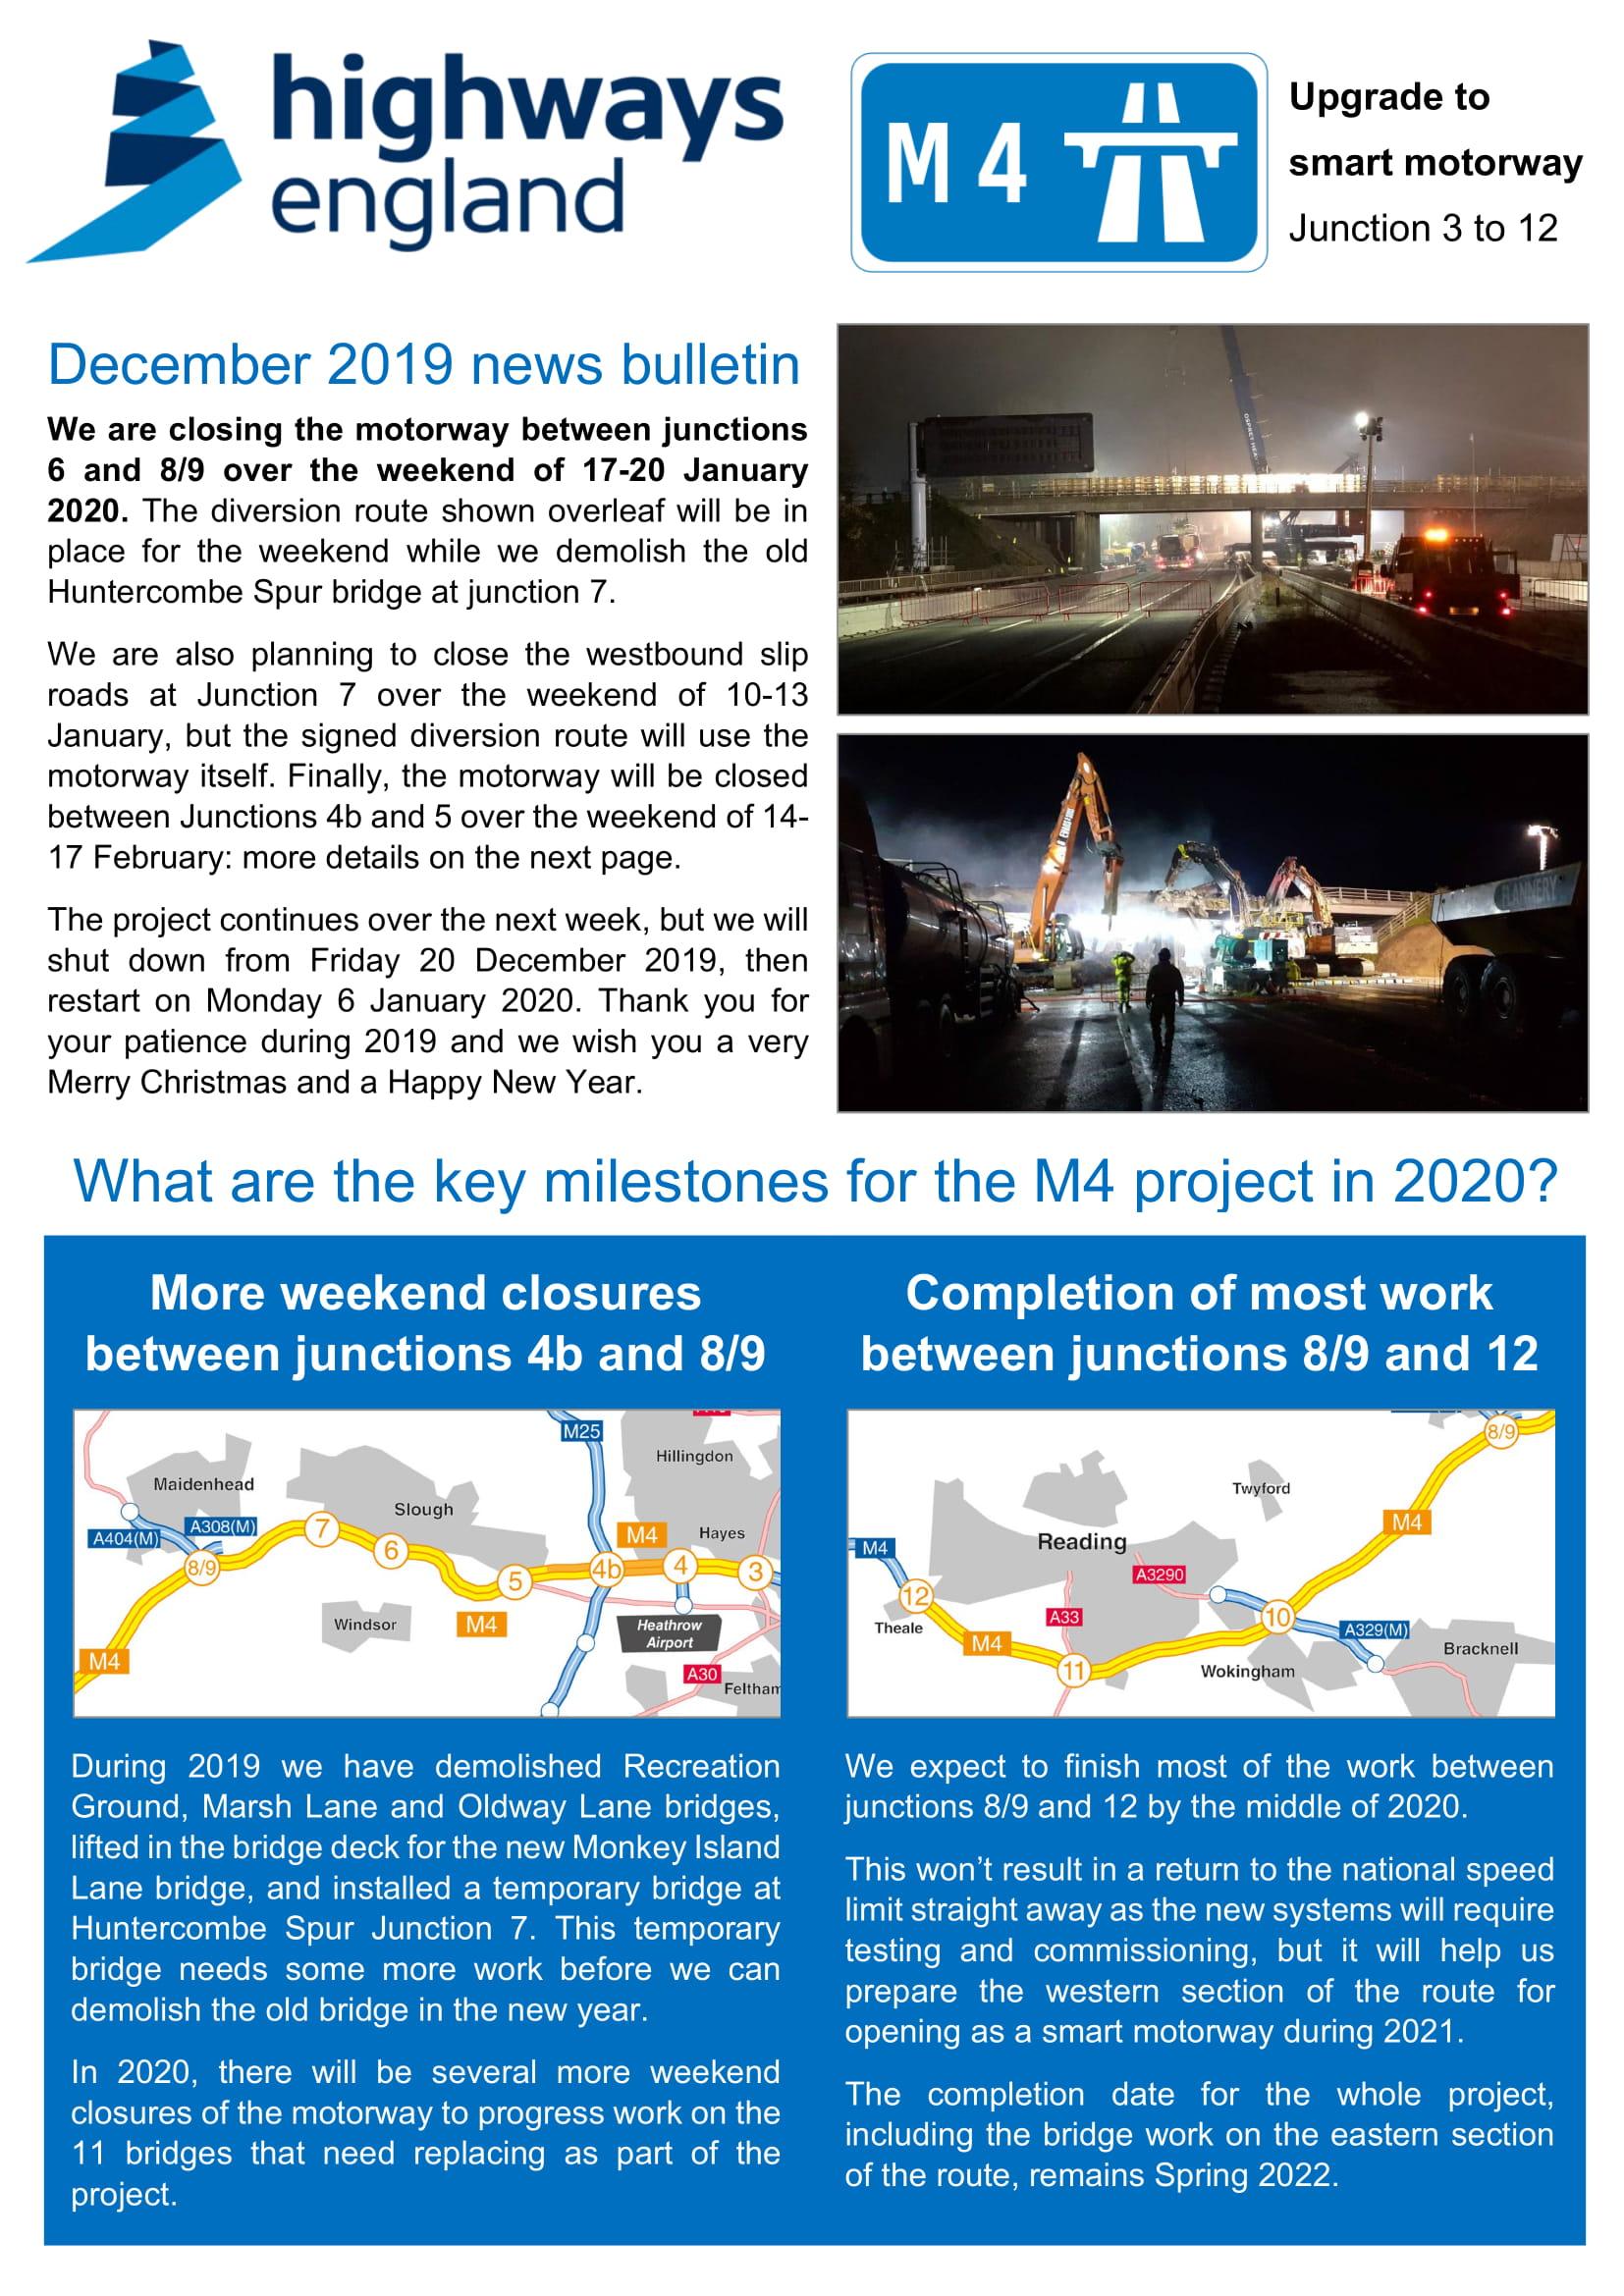 M4 Junctions 3 to 12 Upgrade to Smart Motorway